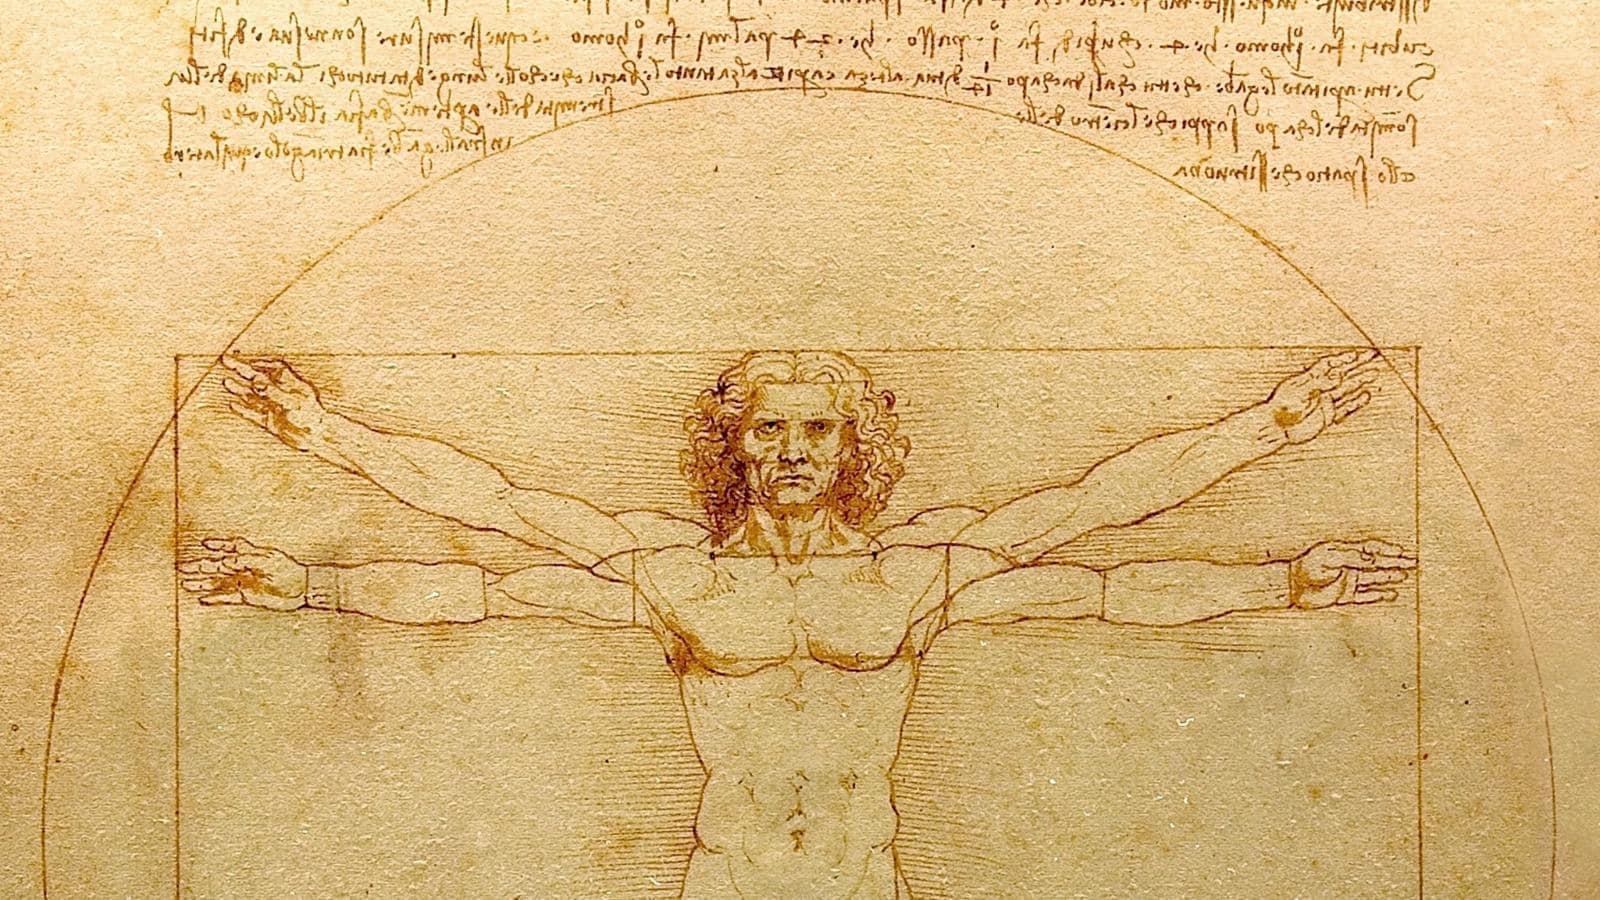 Arte e scienza. Da Urbino a Milano, Leonardo ancora protagonista